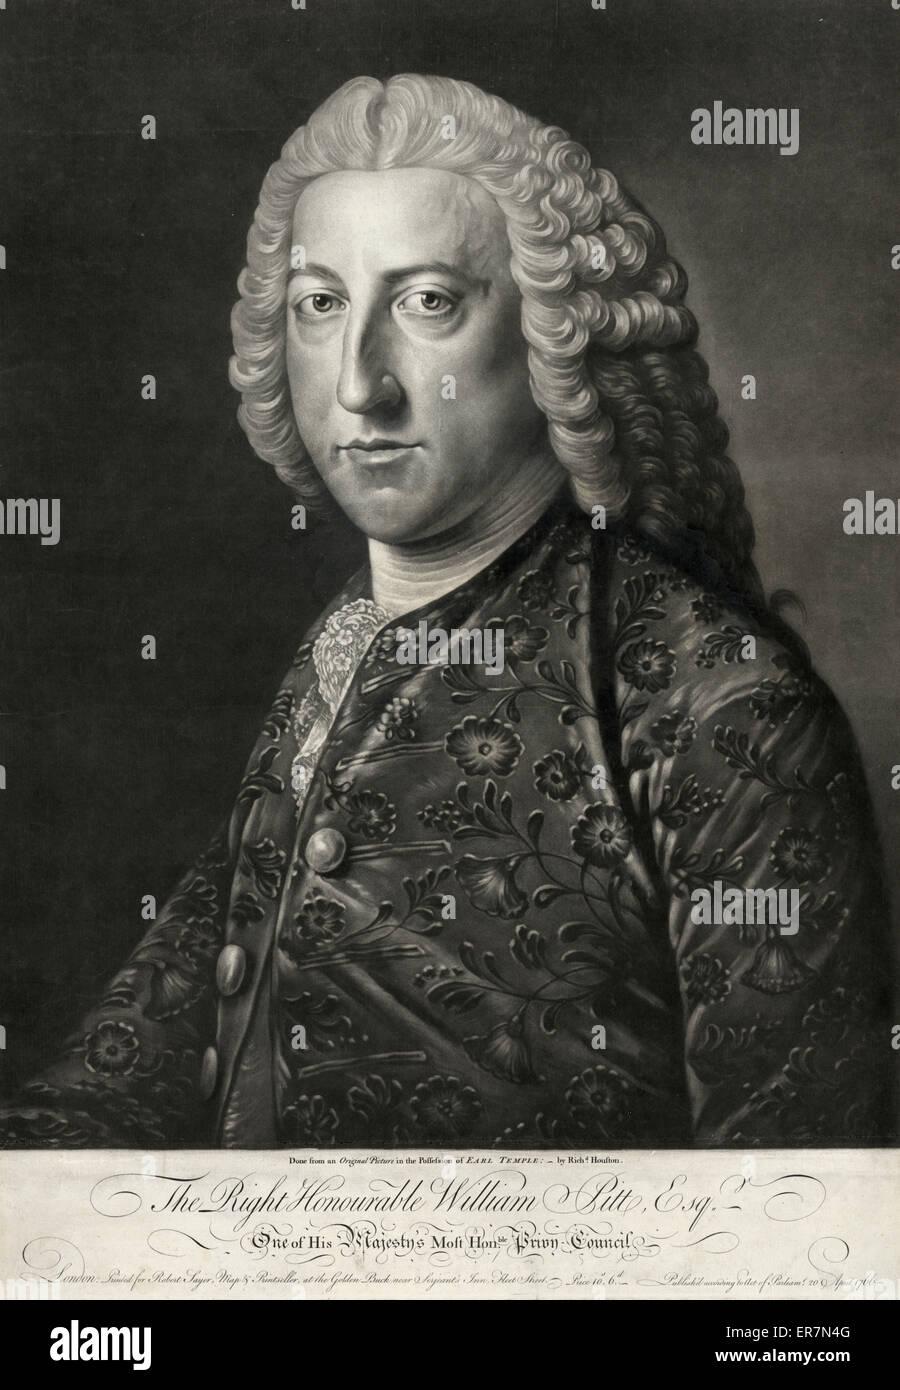 L'onorevole William Pitt, Esqr. Immagini Stock